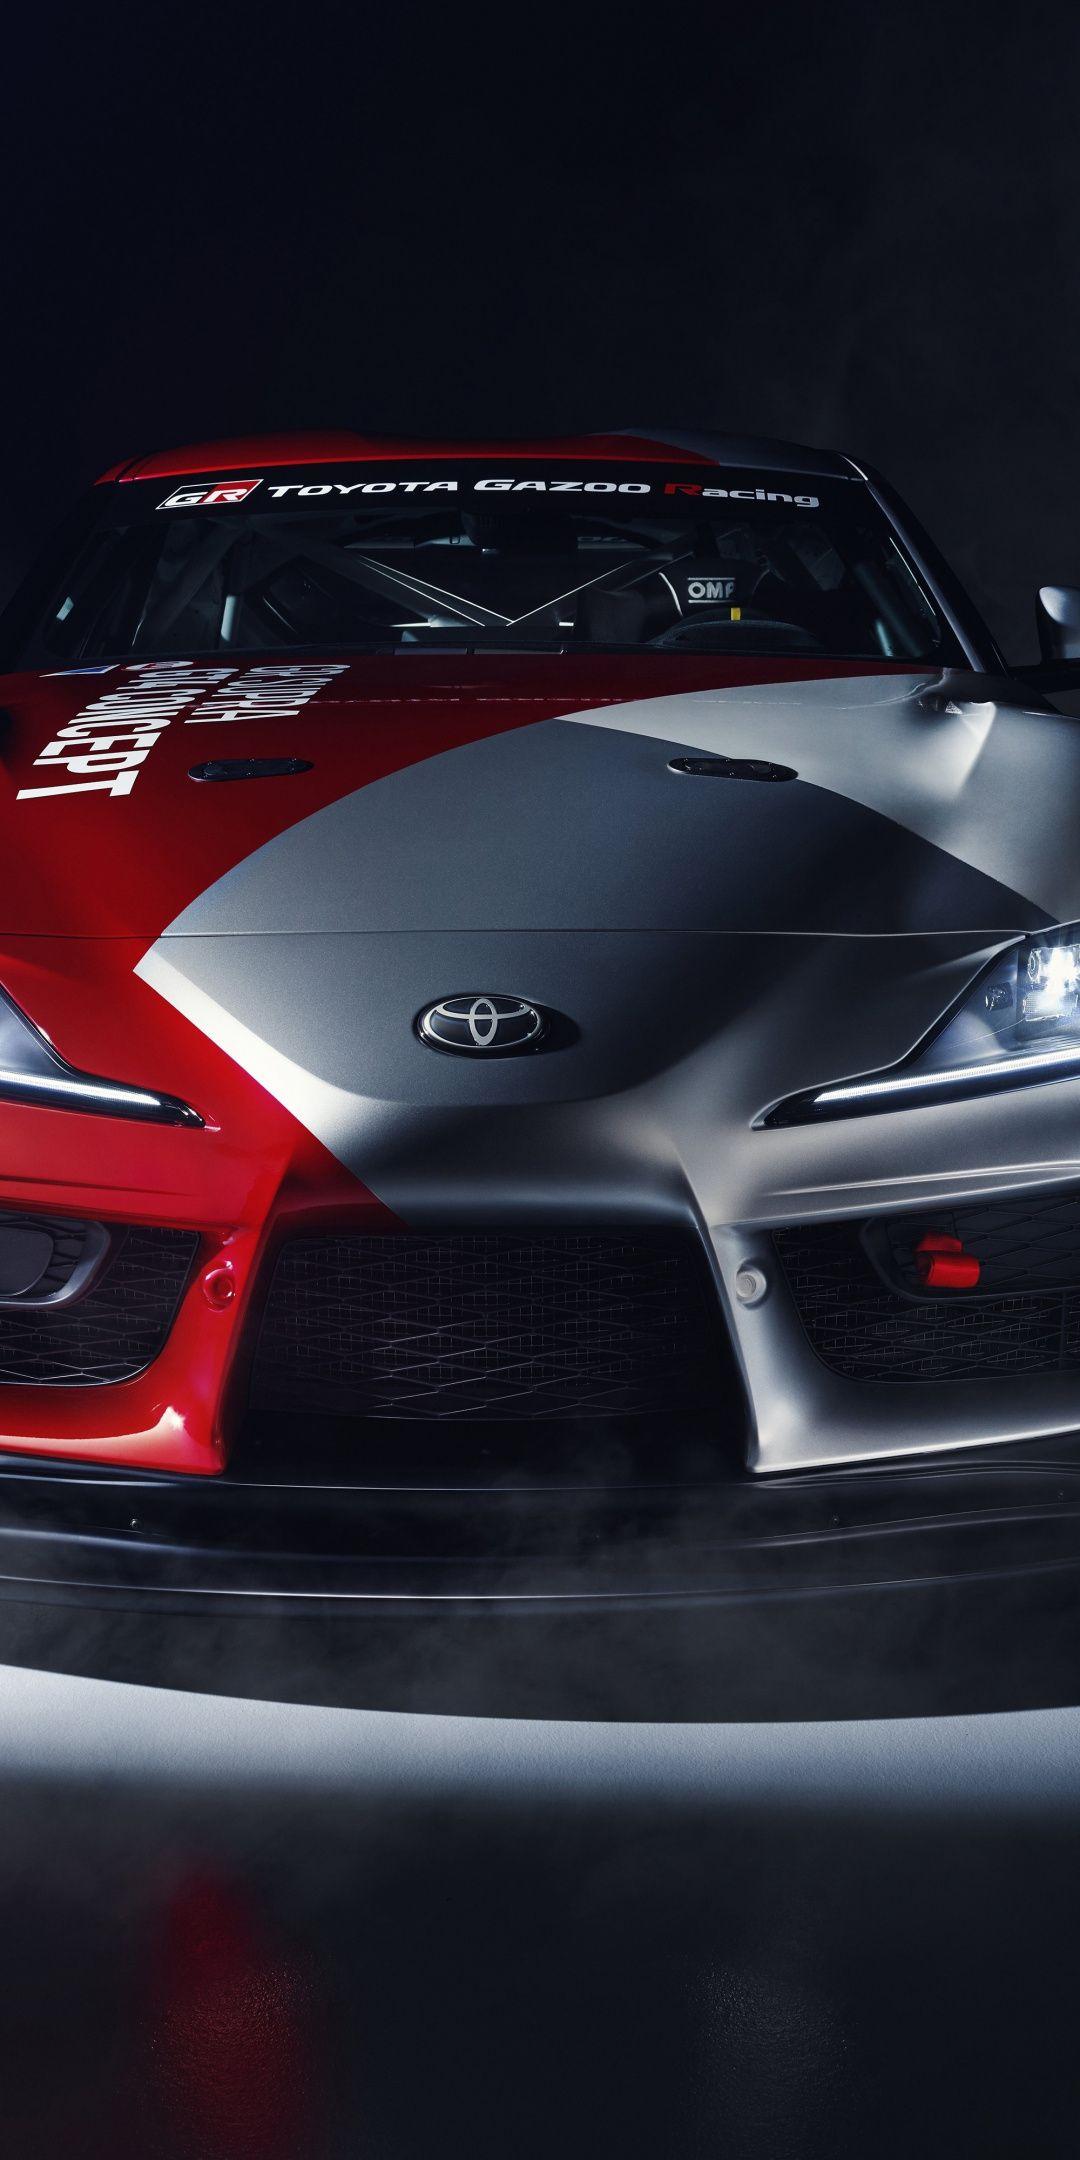 Toyota GR Supra GT4 concept car 2019 1080x2160 wallpaper 1080x2160